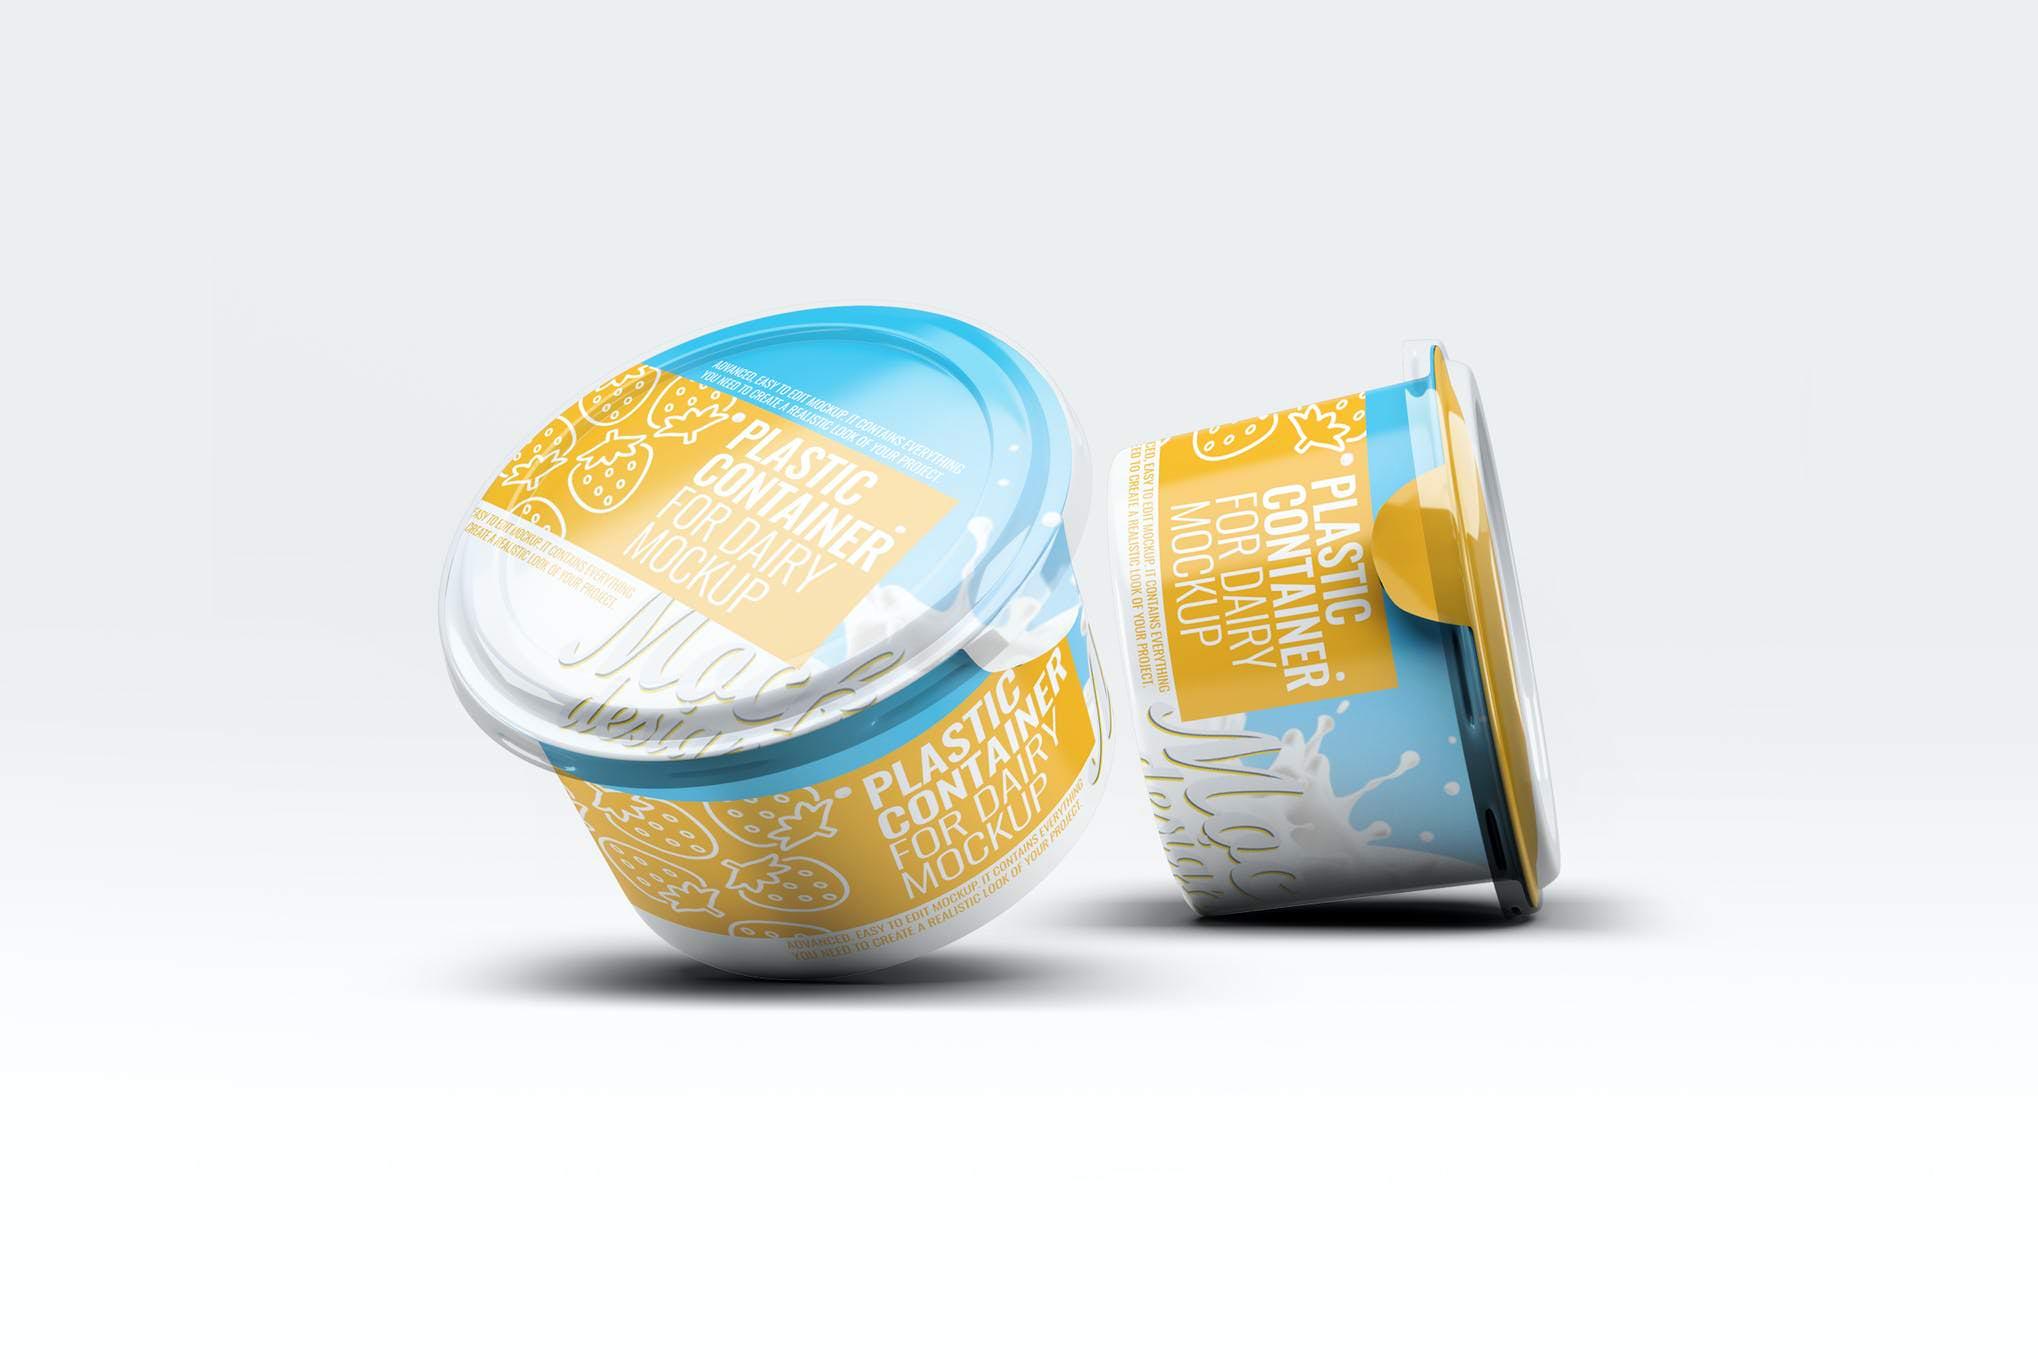 酸奶盒样机效果图插图(1)